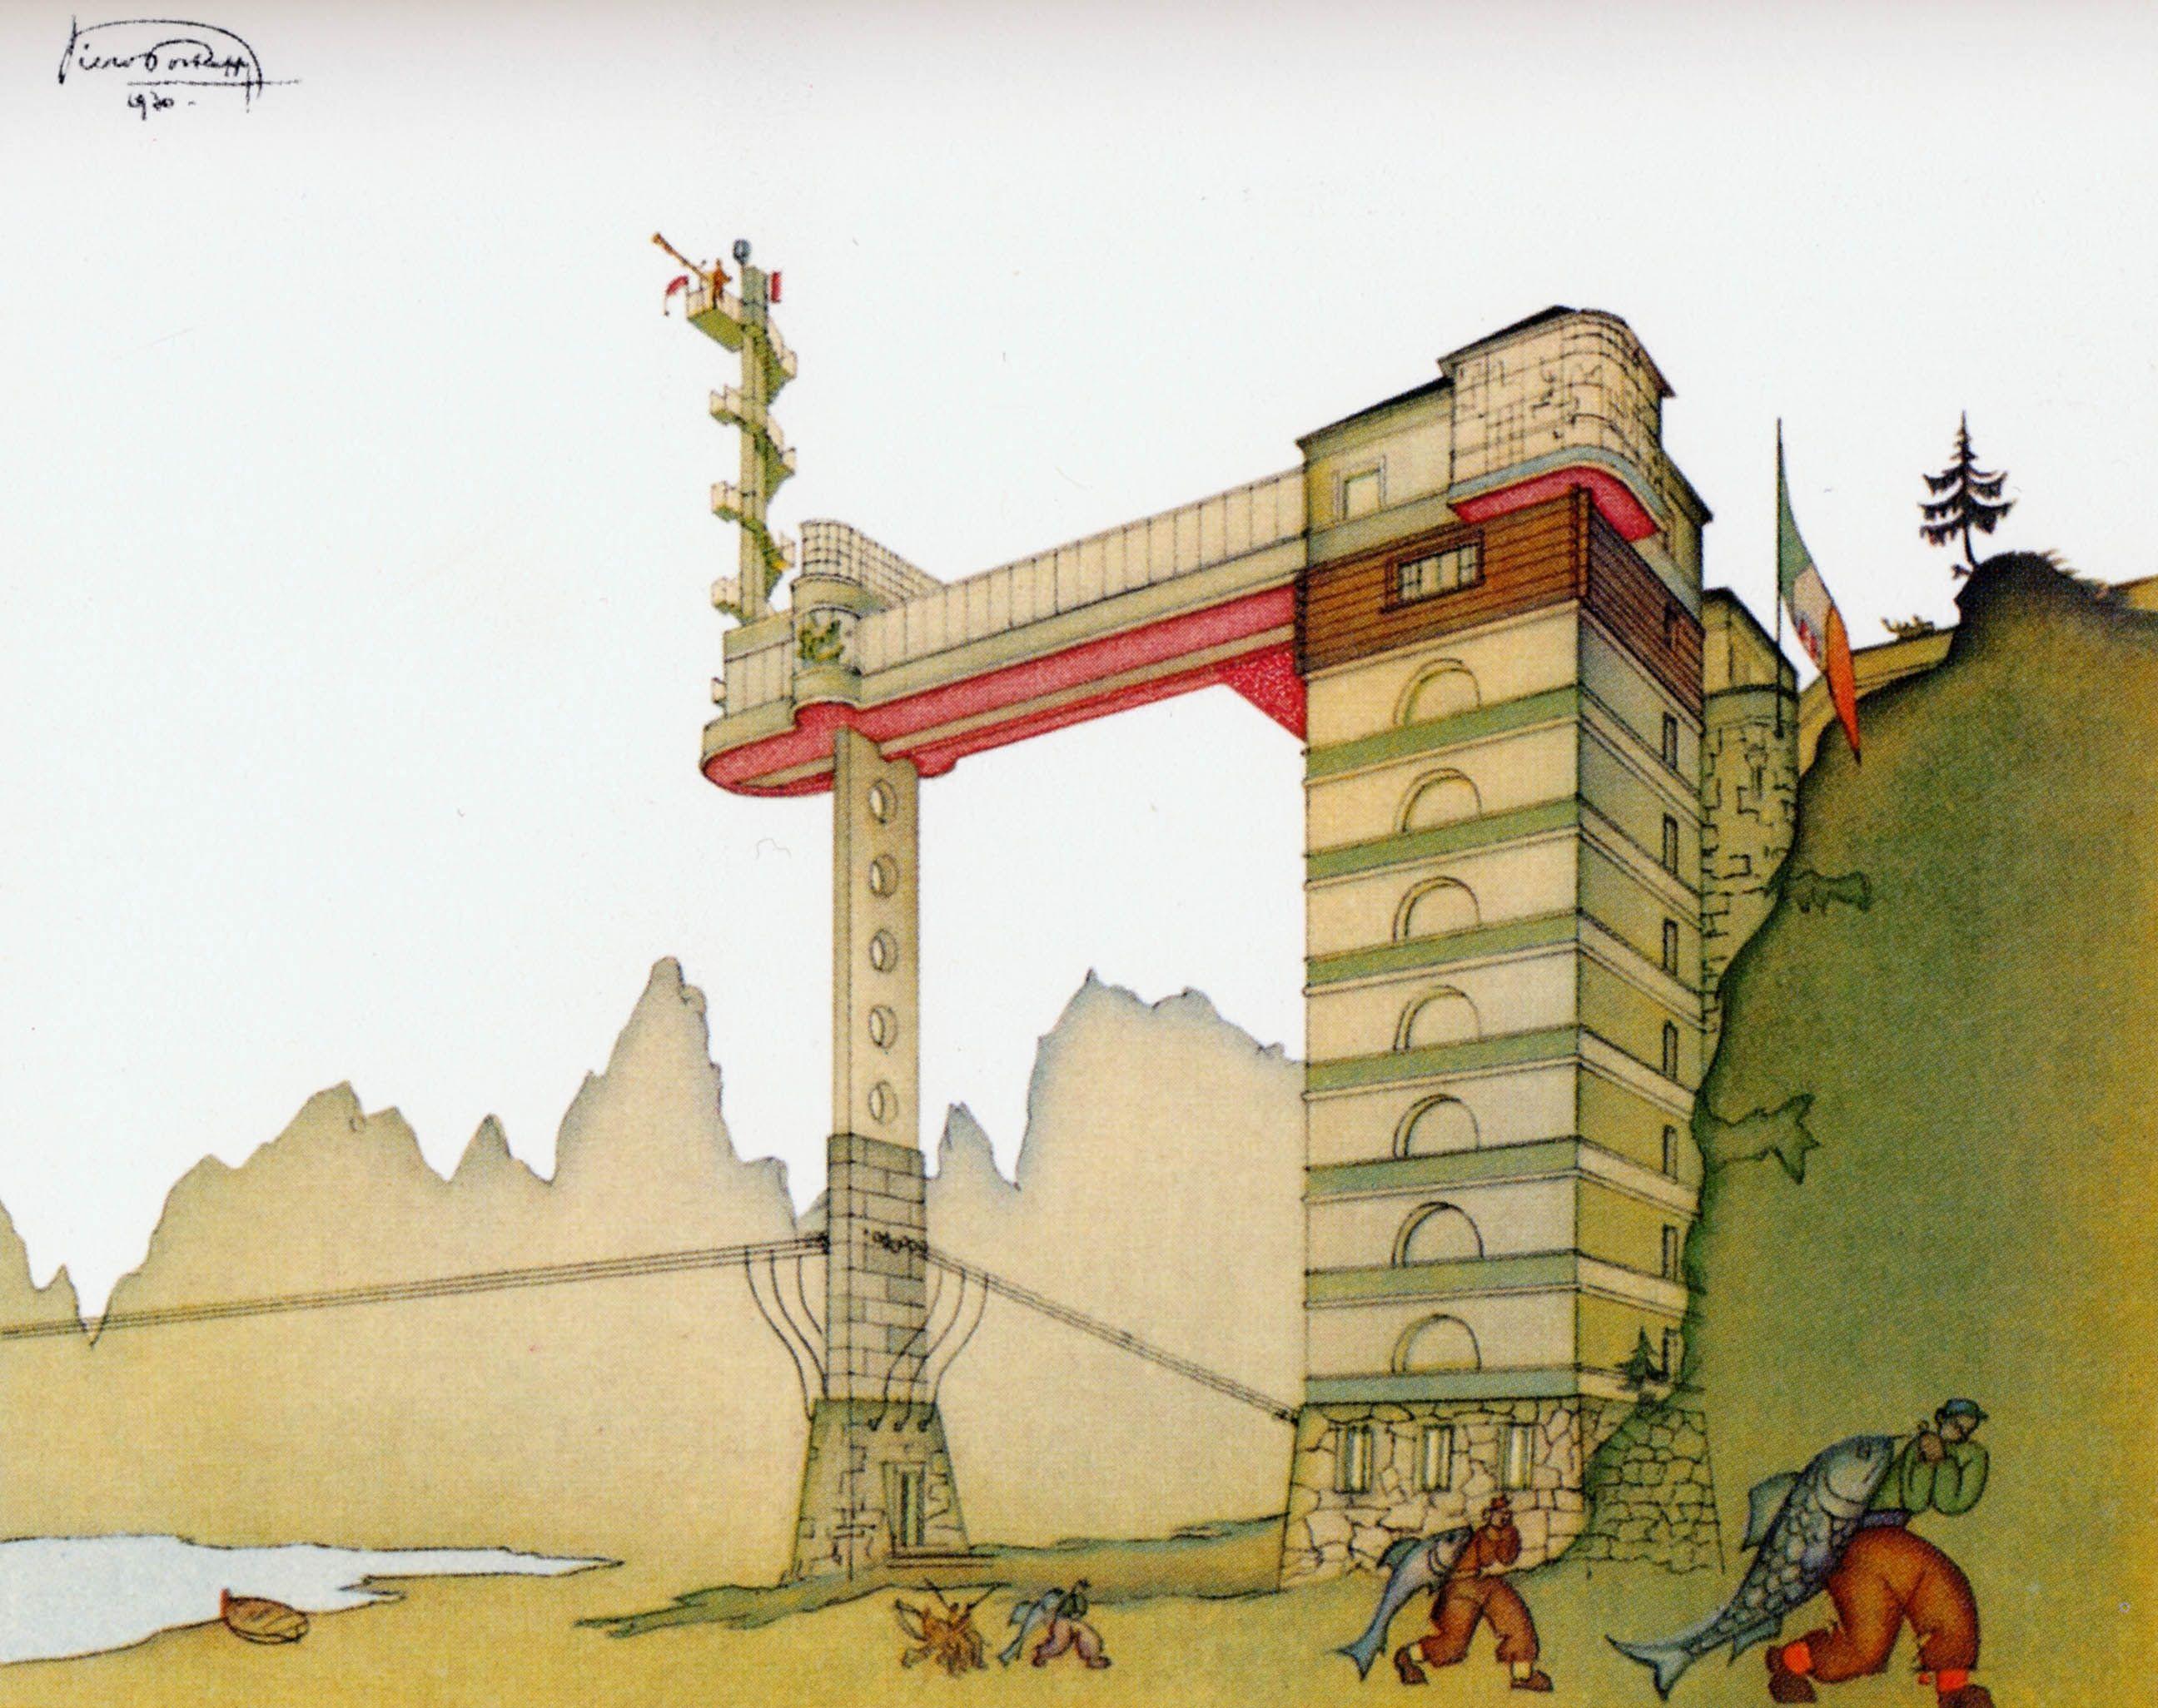 Villa necchi campiglio by piero portaluppi platform - Progetto Di Villa Per Le Otto Coppie In Val Formazza Piero Portaluppi 1930